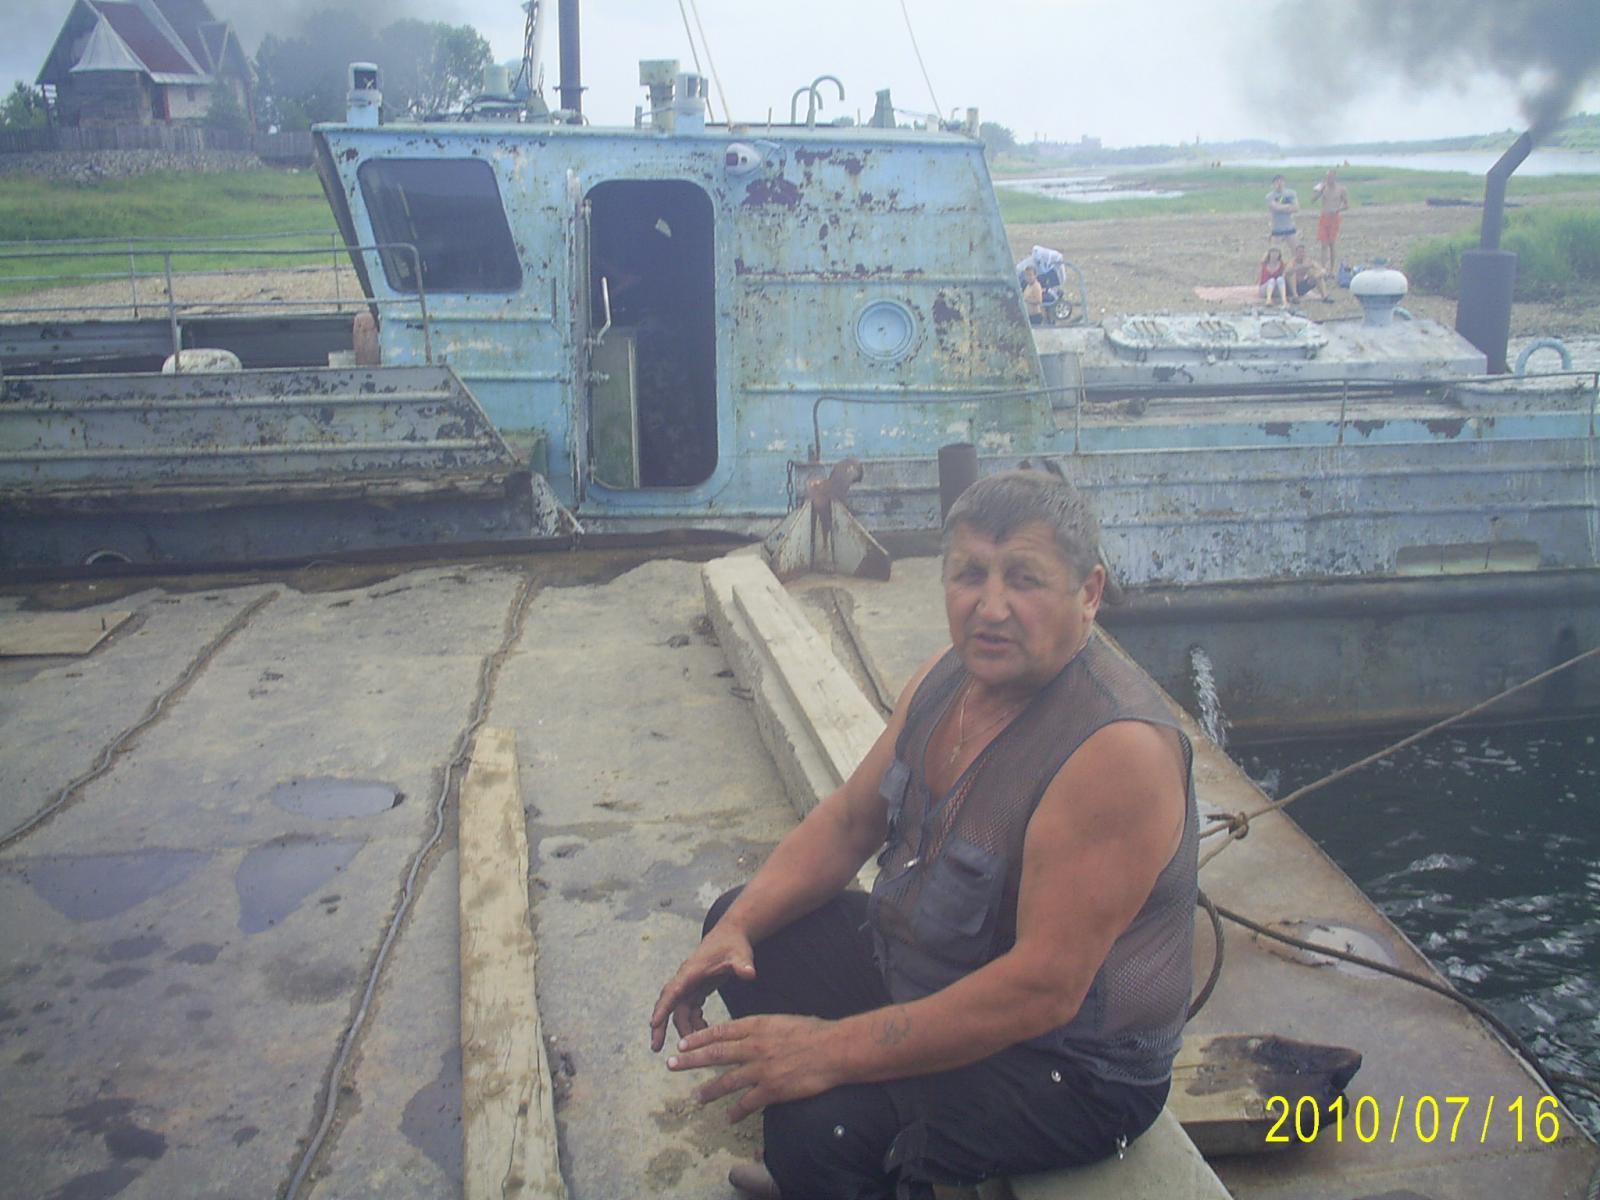 местный лесопромышленник Виктор помог с переправой через вишеру